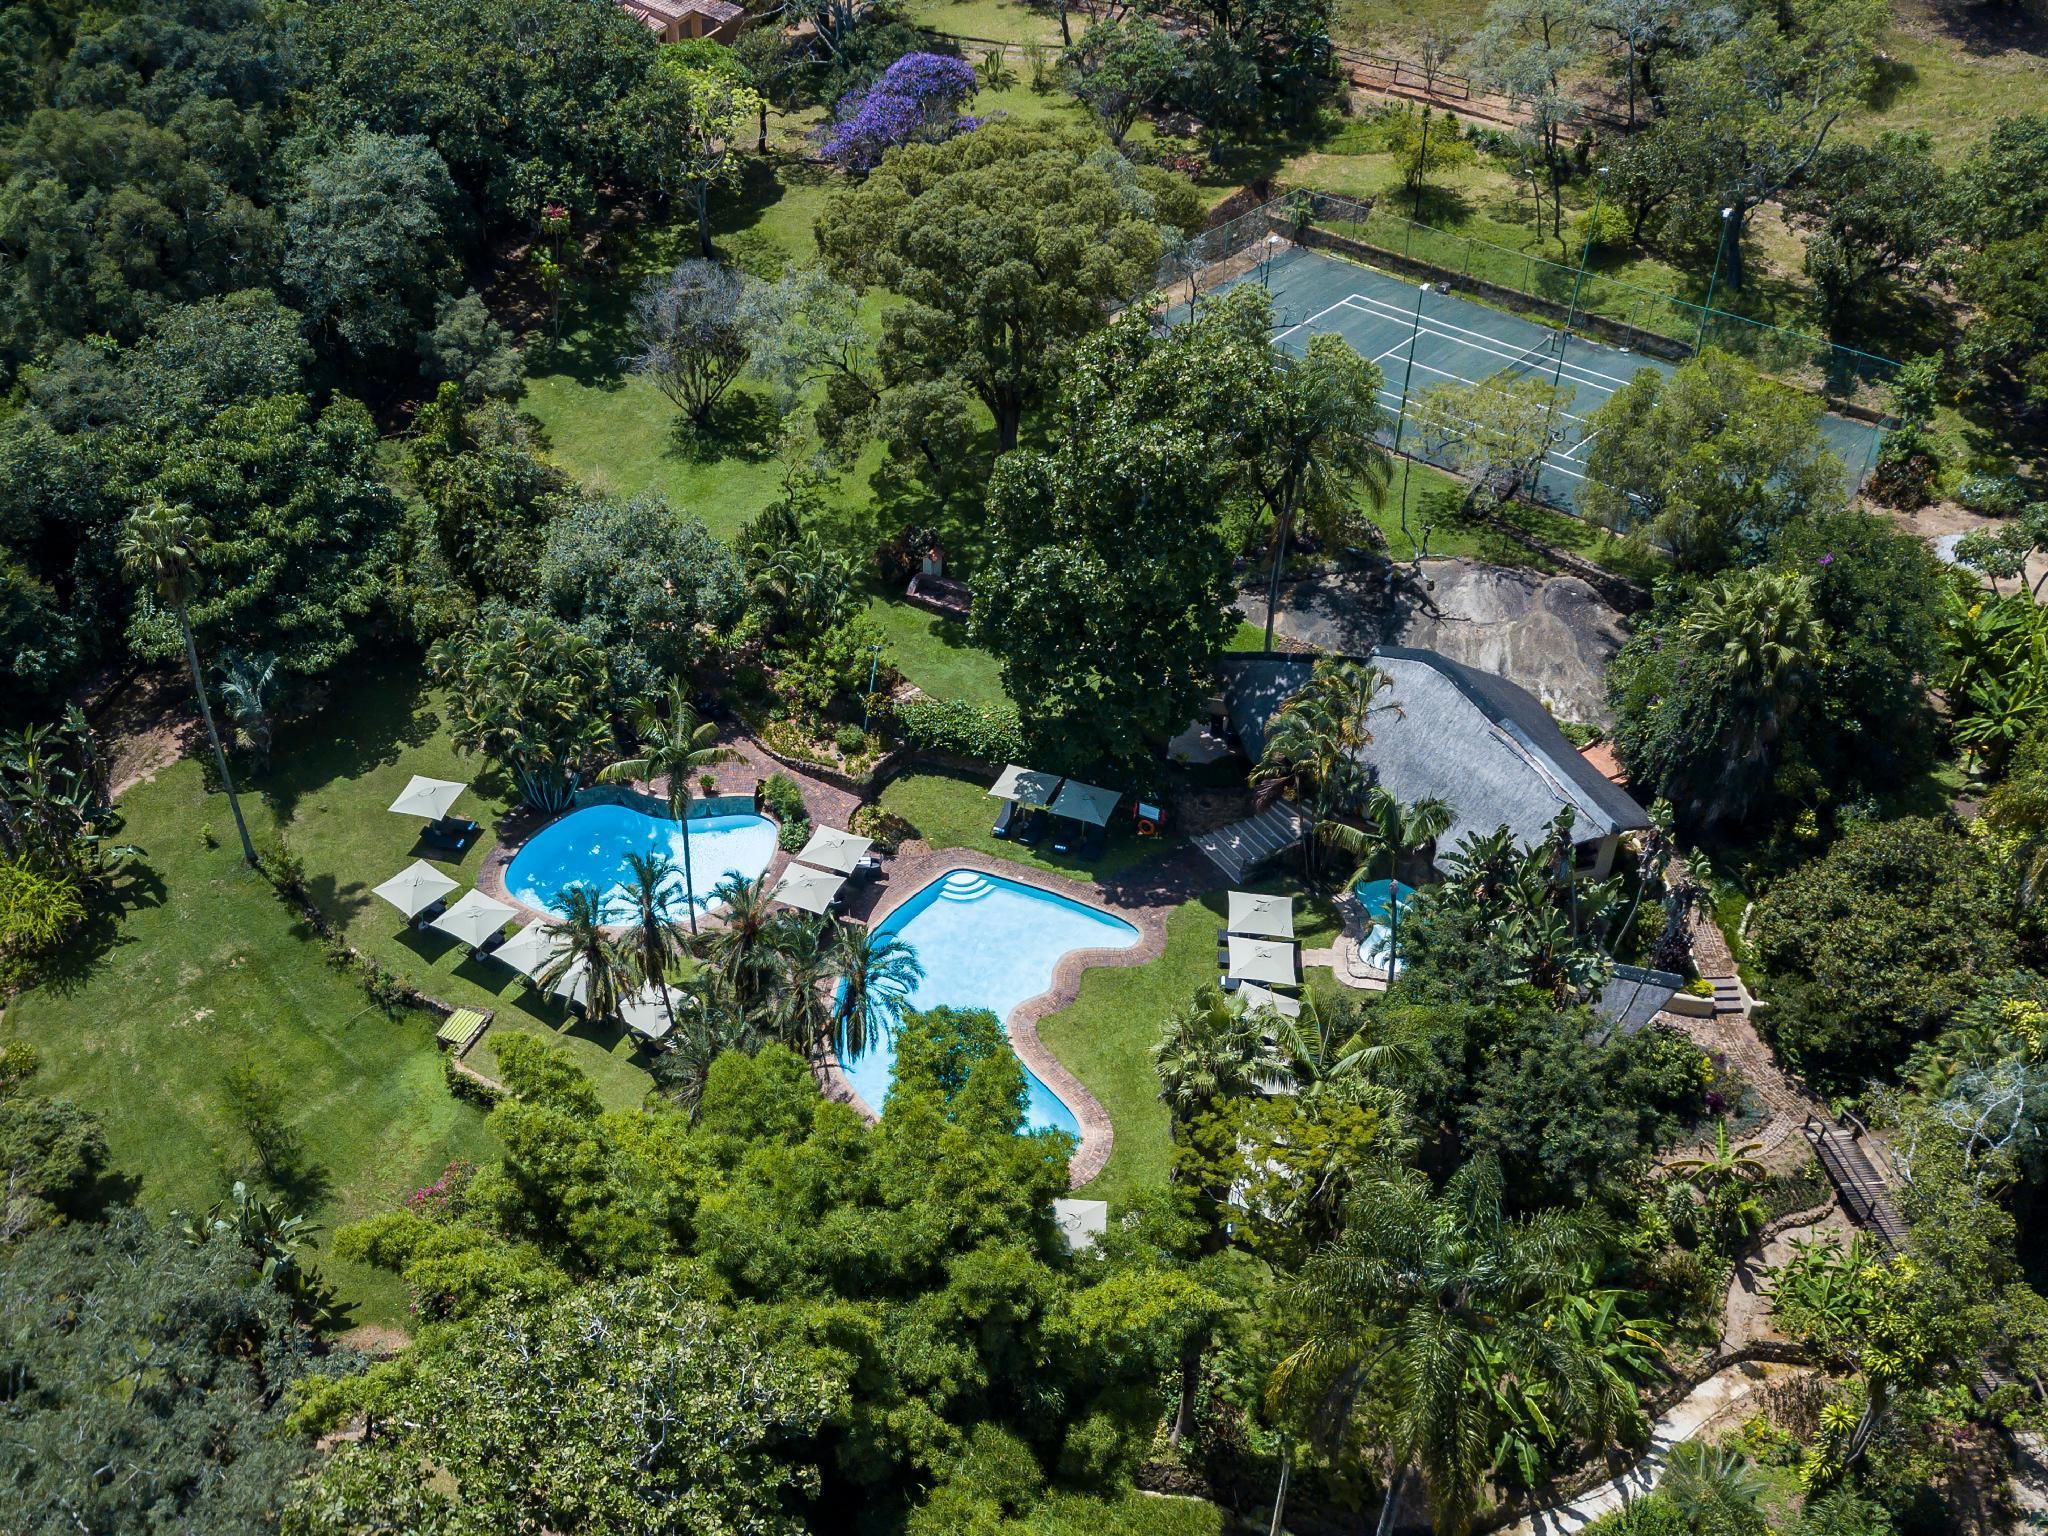 Aha Casa Do Sol Hotel And Resort